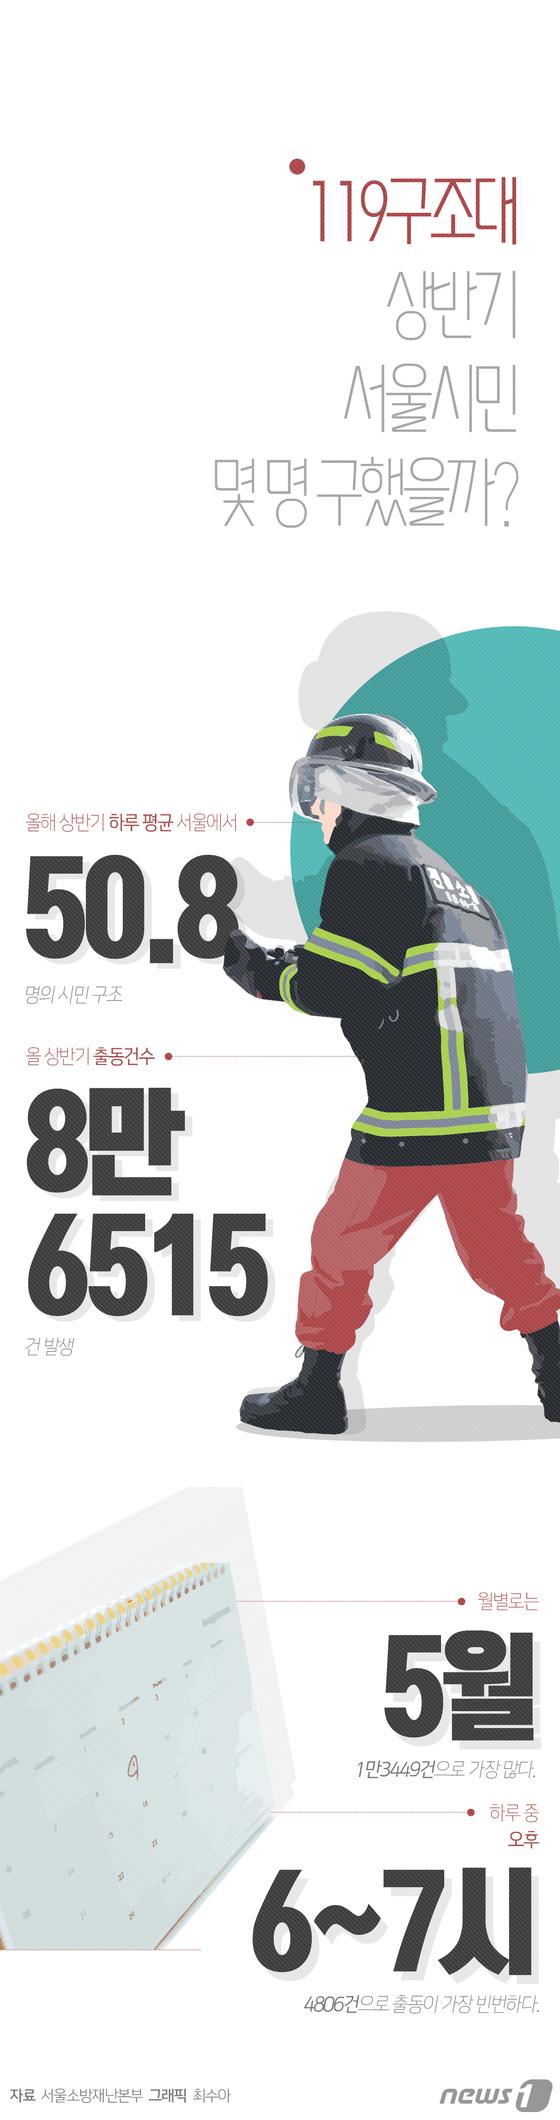 [그래픽뉴스] 119구조대, 상반기 서울시민 몇 명 구했을까?